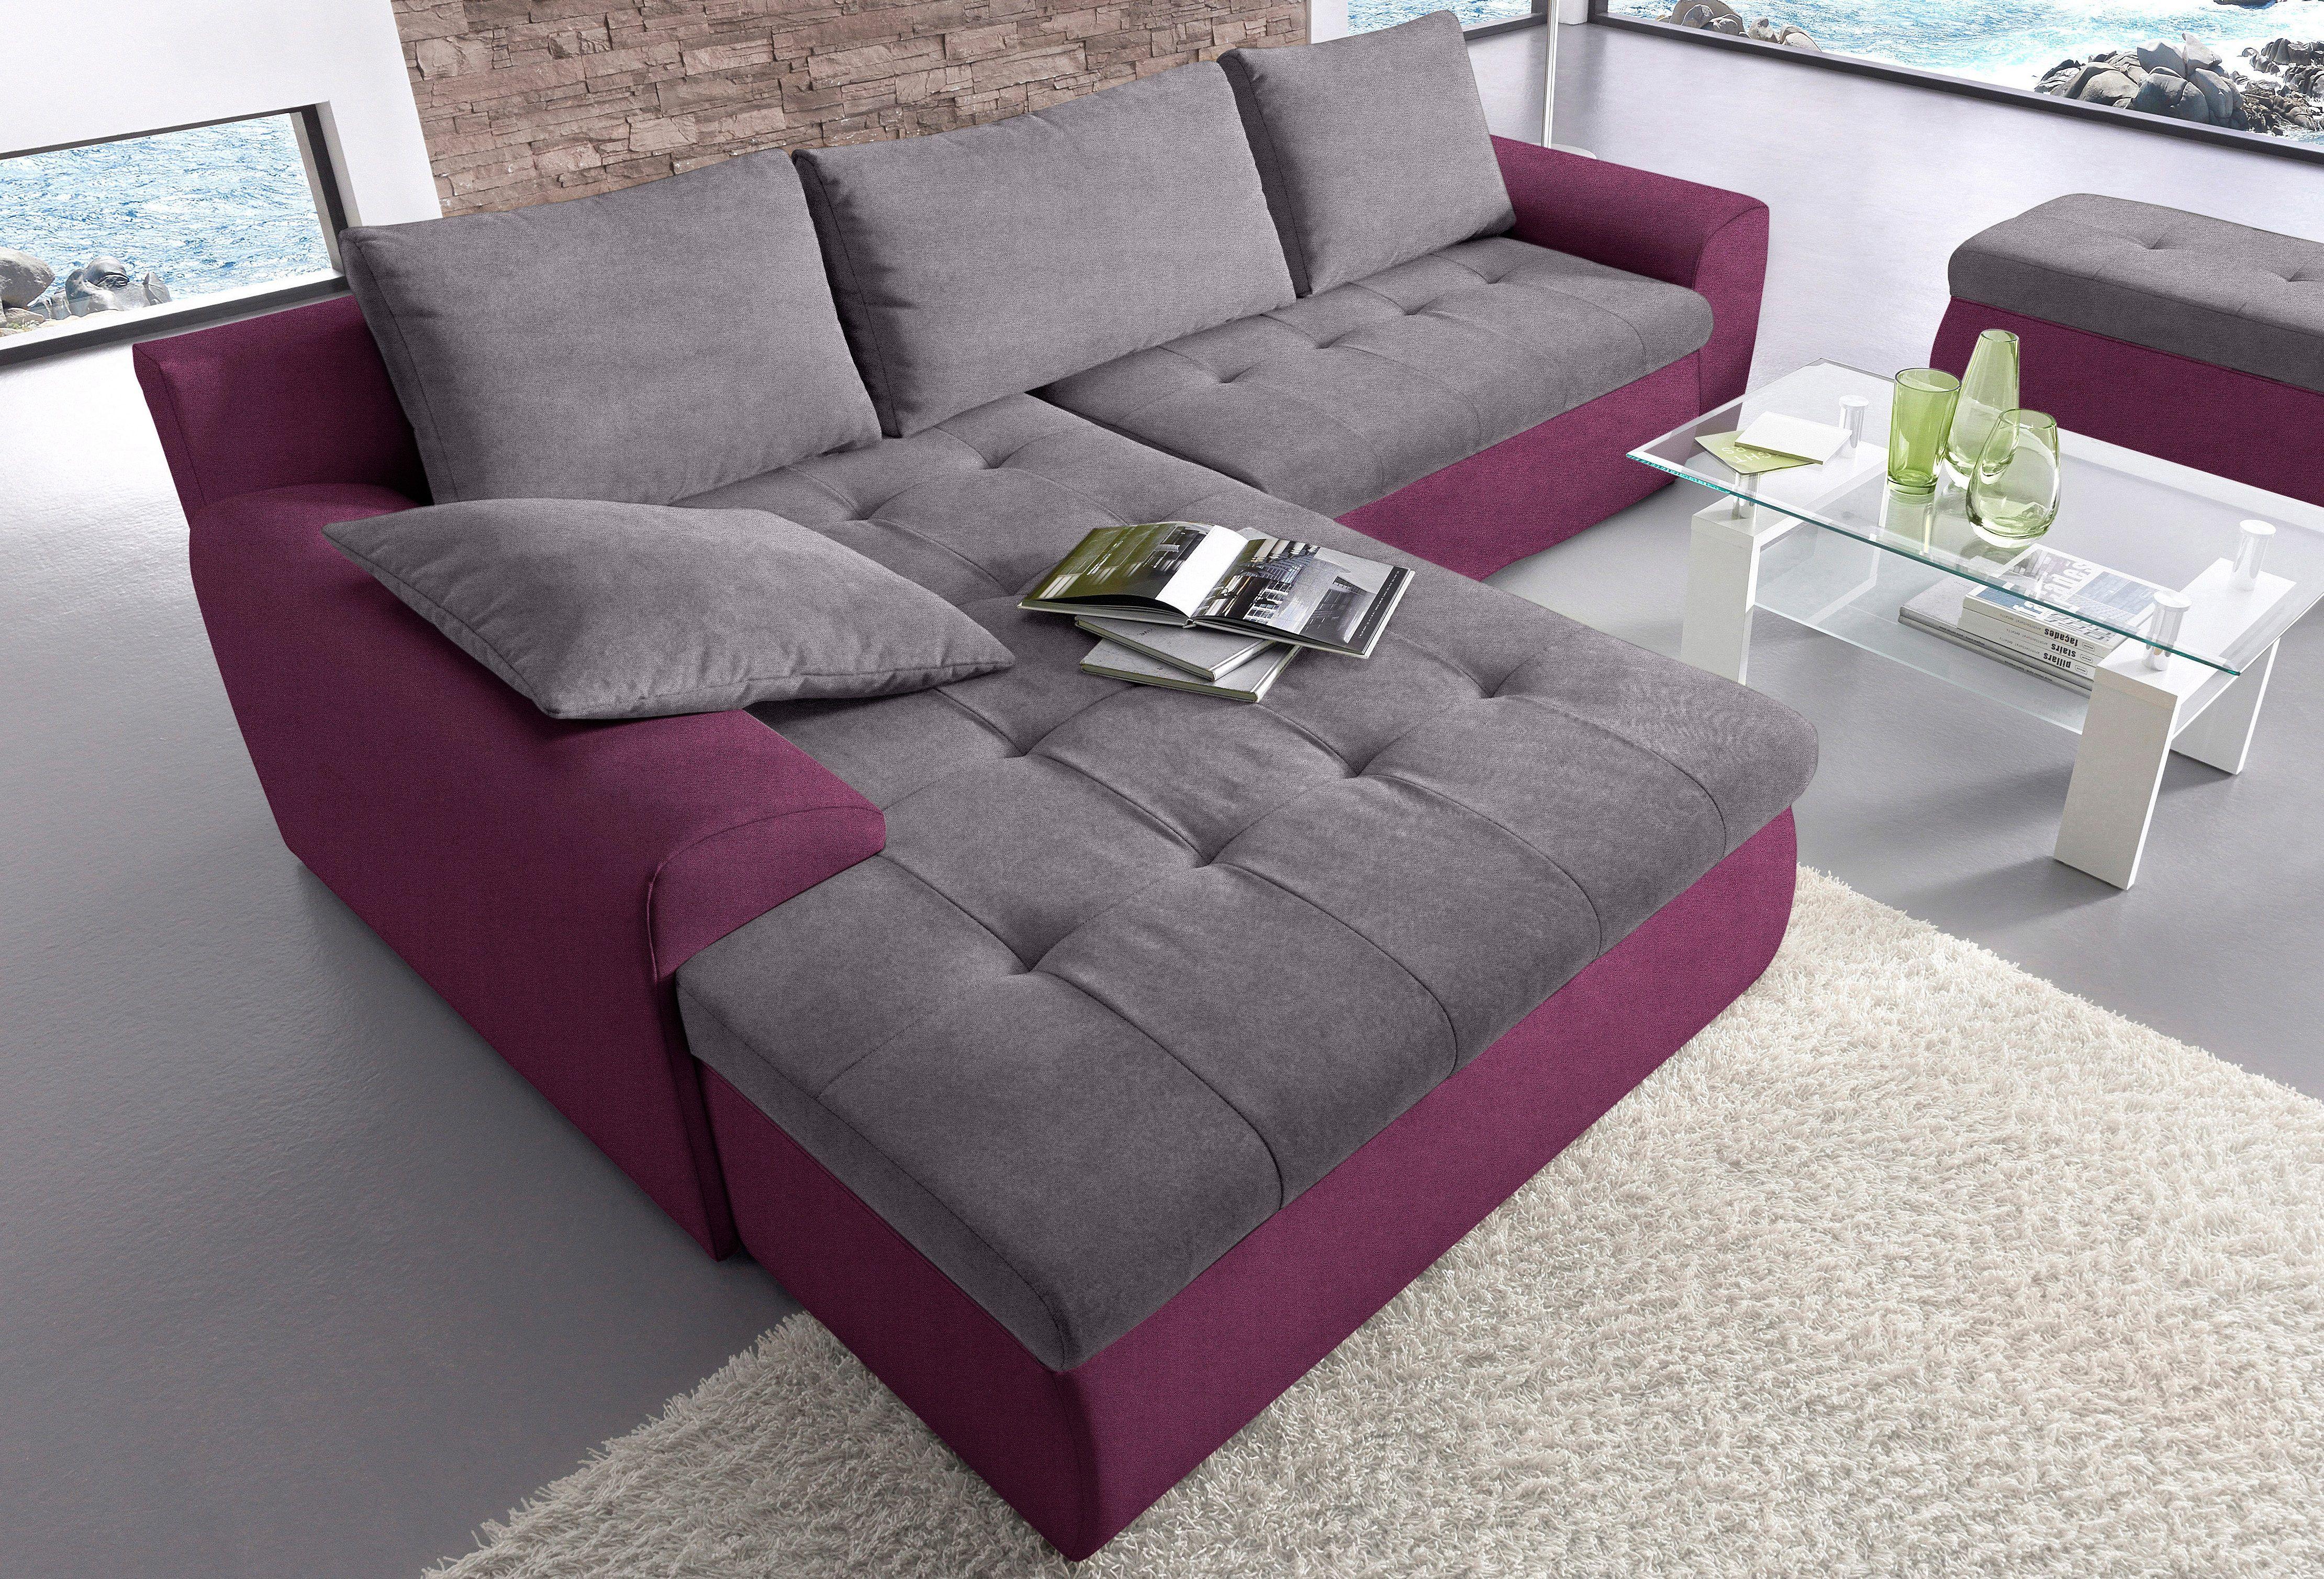 Eitelkeit Sofa Mit Recamiere Referenz Von Sit&more Ecksofa Grau, Links, Bettkasten, Fsc®-zertifiziert Jetzt